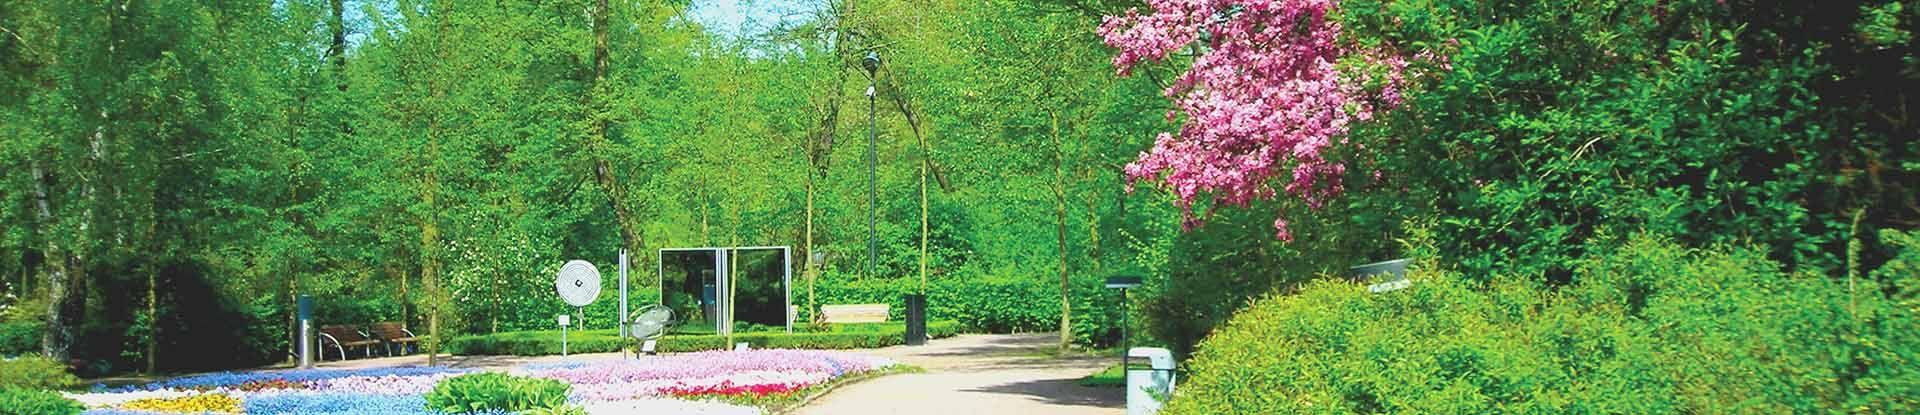 Kurpark Bad Bevensen: Garten der Sinne